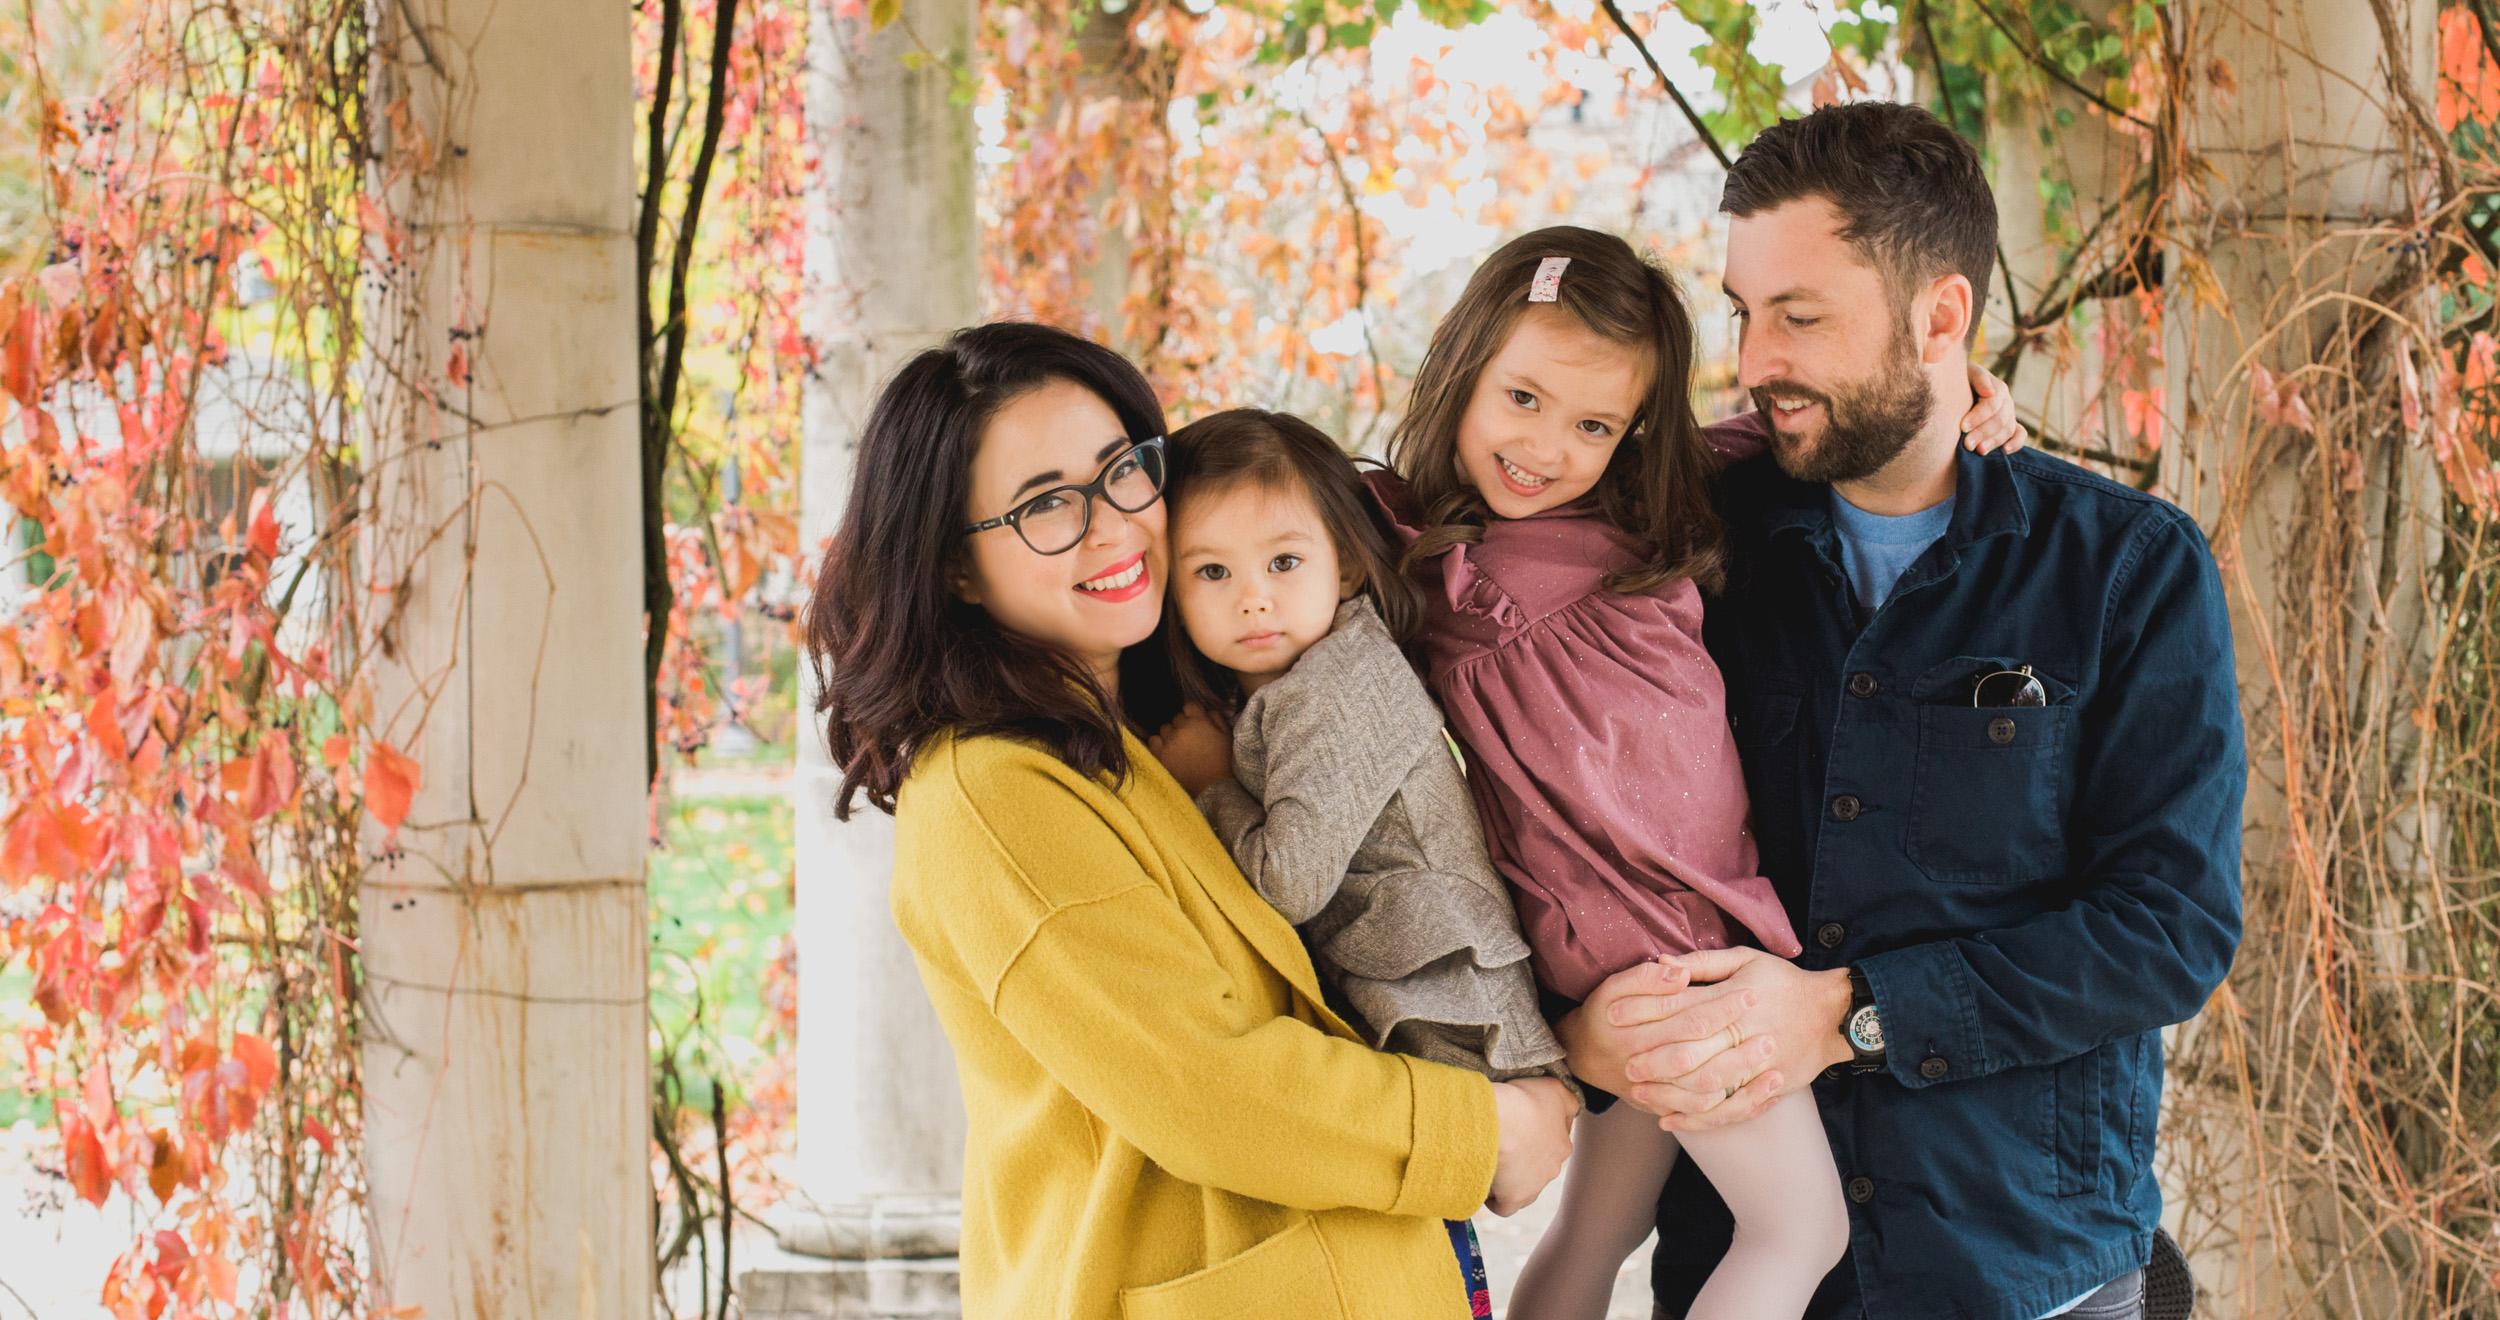 Joy-Uyeno-Massachusetts-Family-Photographer-5.jpg